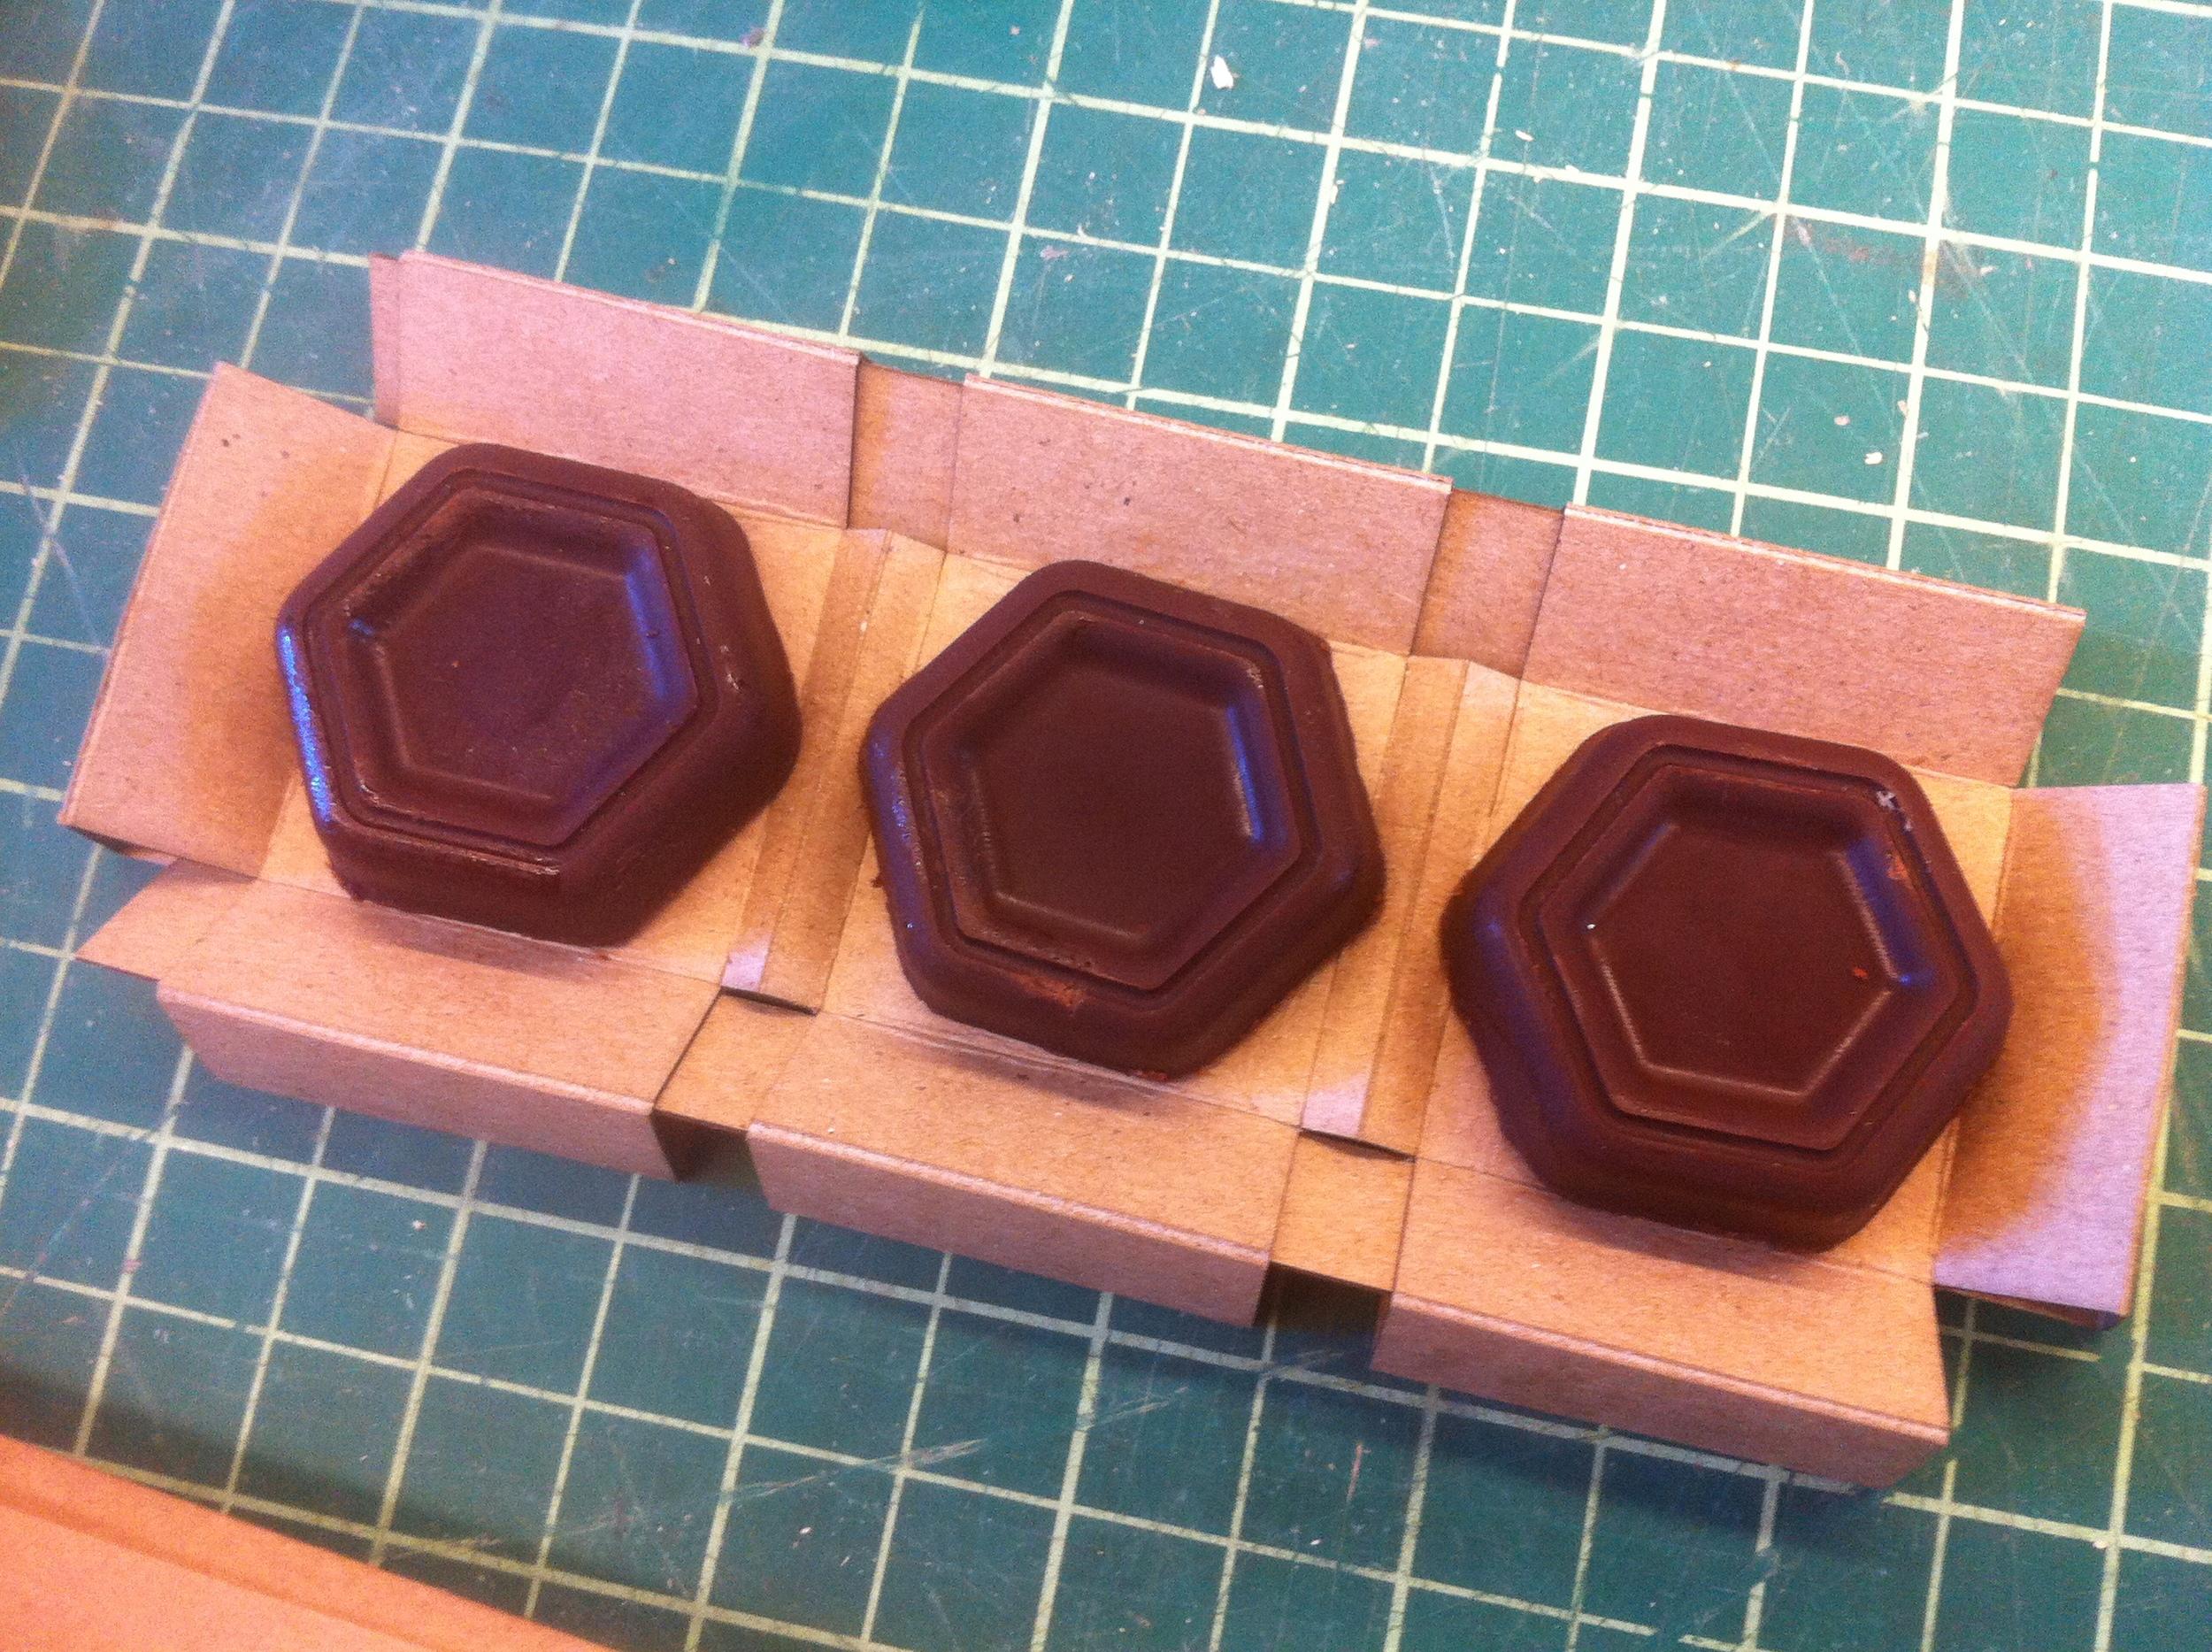 COMPLETE CHOCOLATES